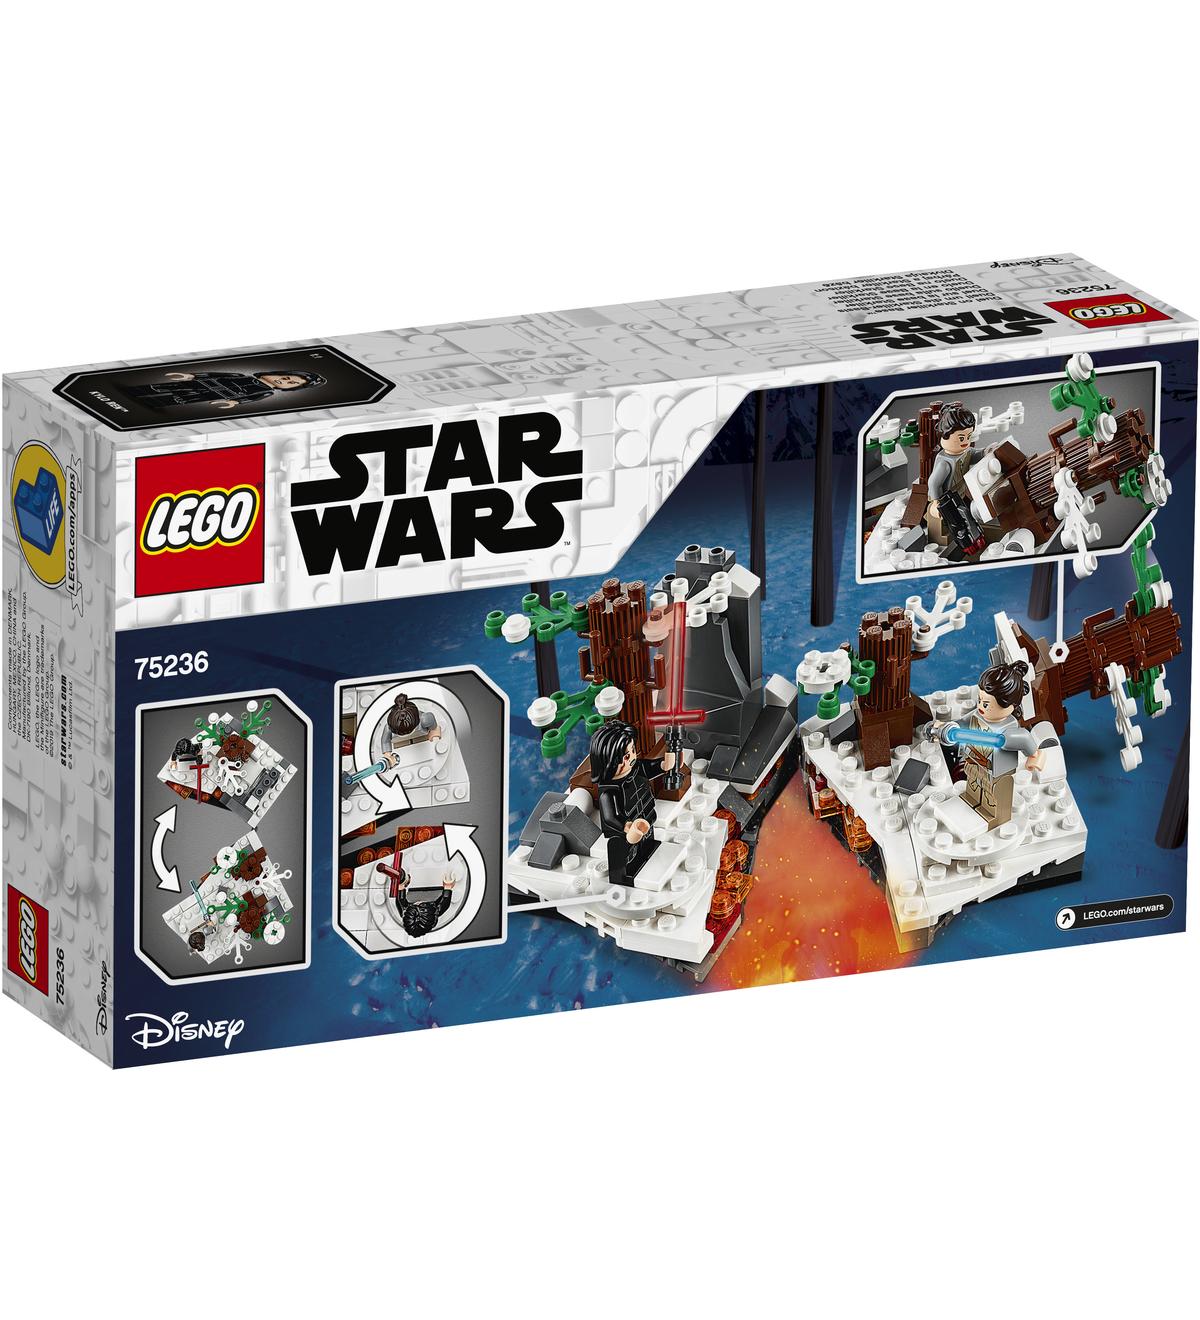 Alle offiziellen Bilder und Infos zu den neuen LEGO Star